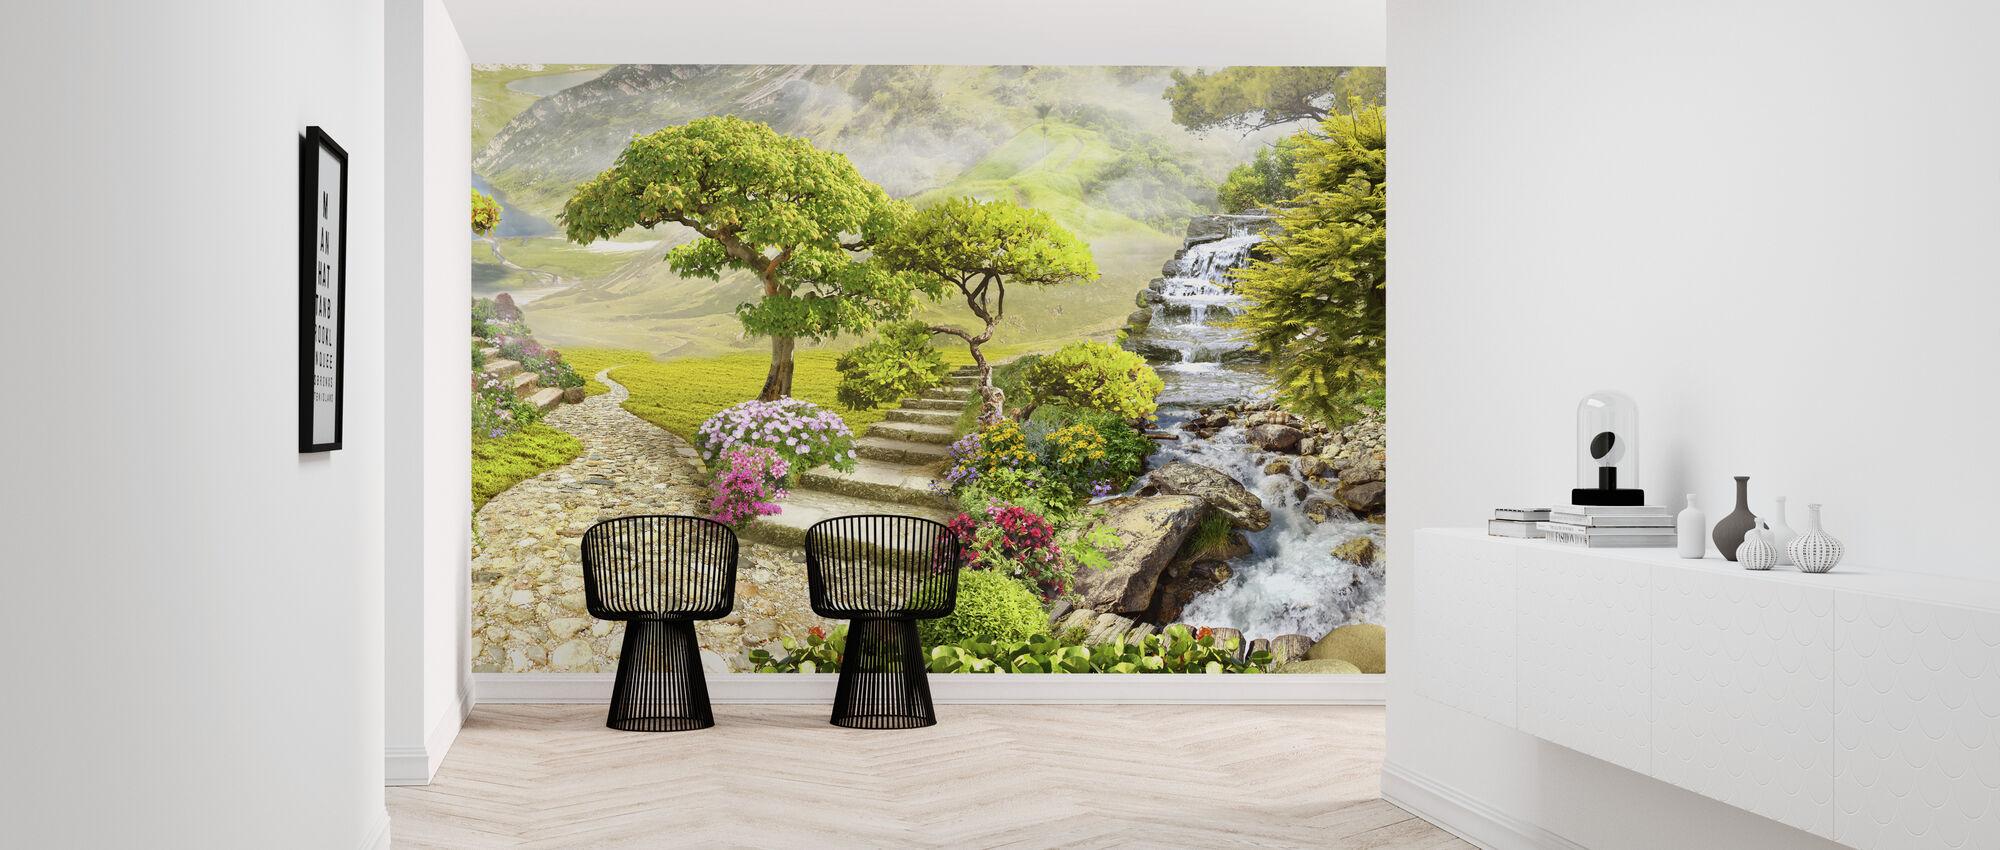 Waterfalls in Garden - Wallpaper - Hallway